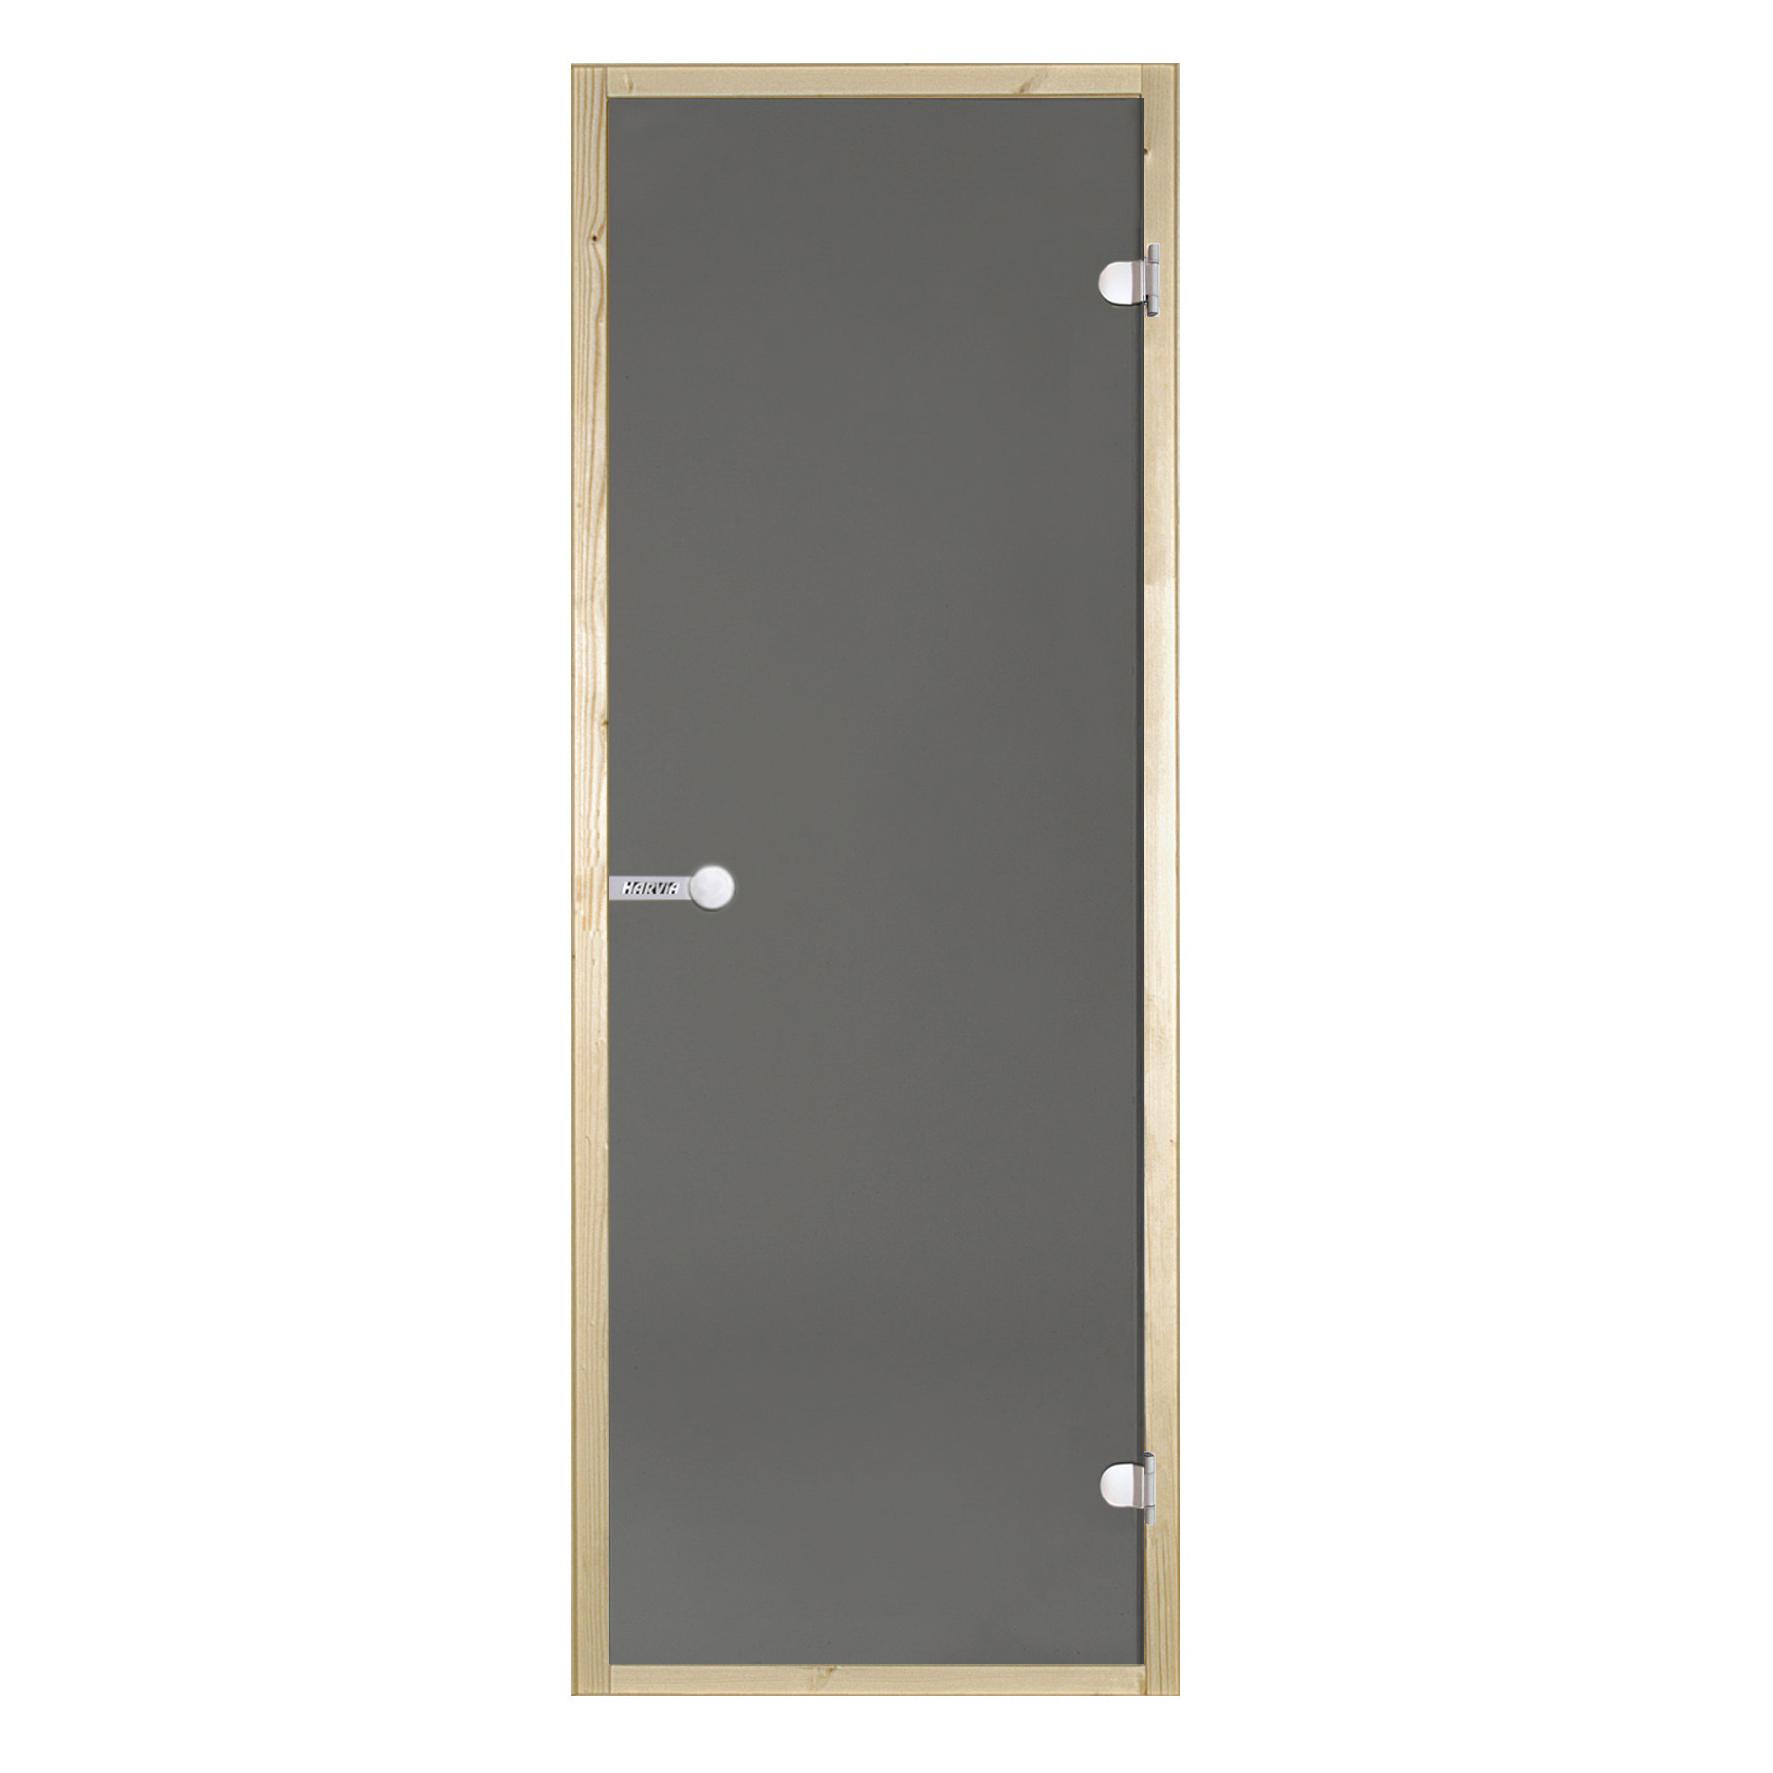 HARVIA Двери стеклянные 8/21 коробка ольха, серая D82102L